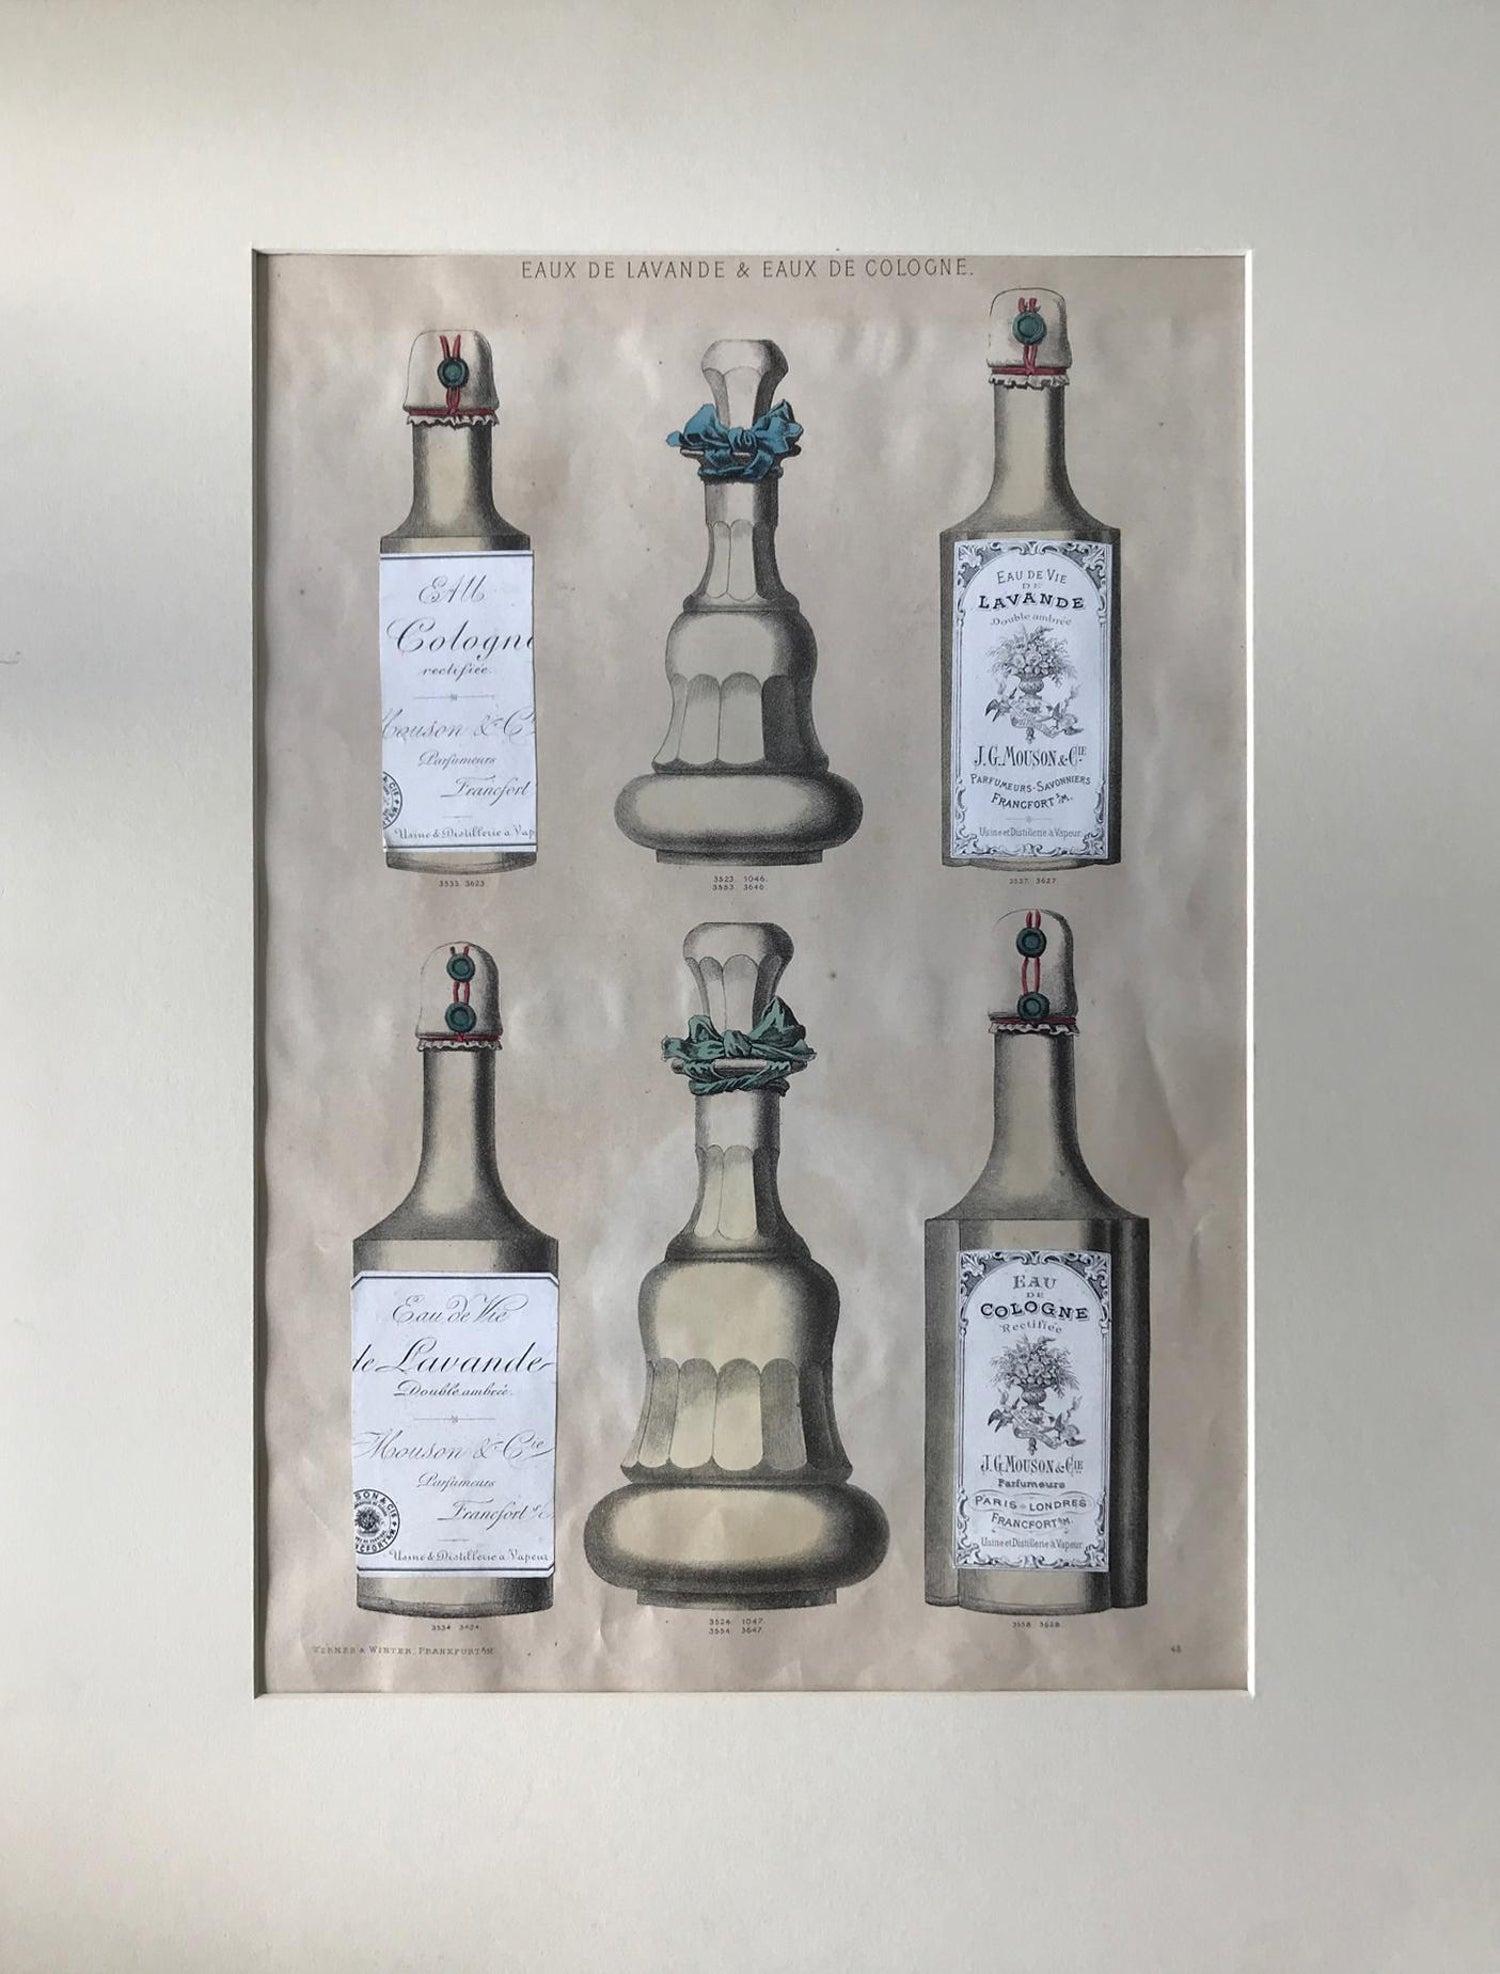 Vertu De La Lavande eau de lavande & eaux de cologne (edition #48)